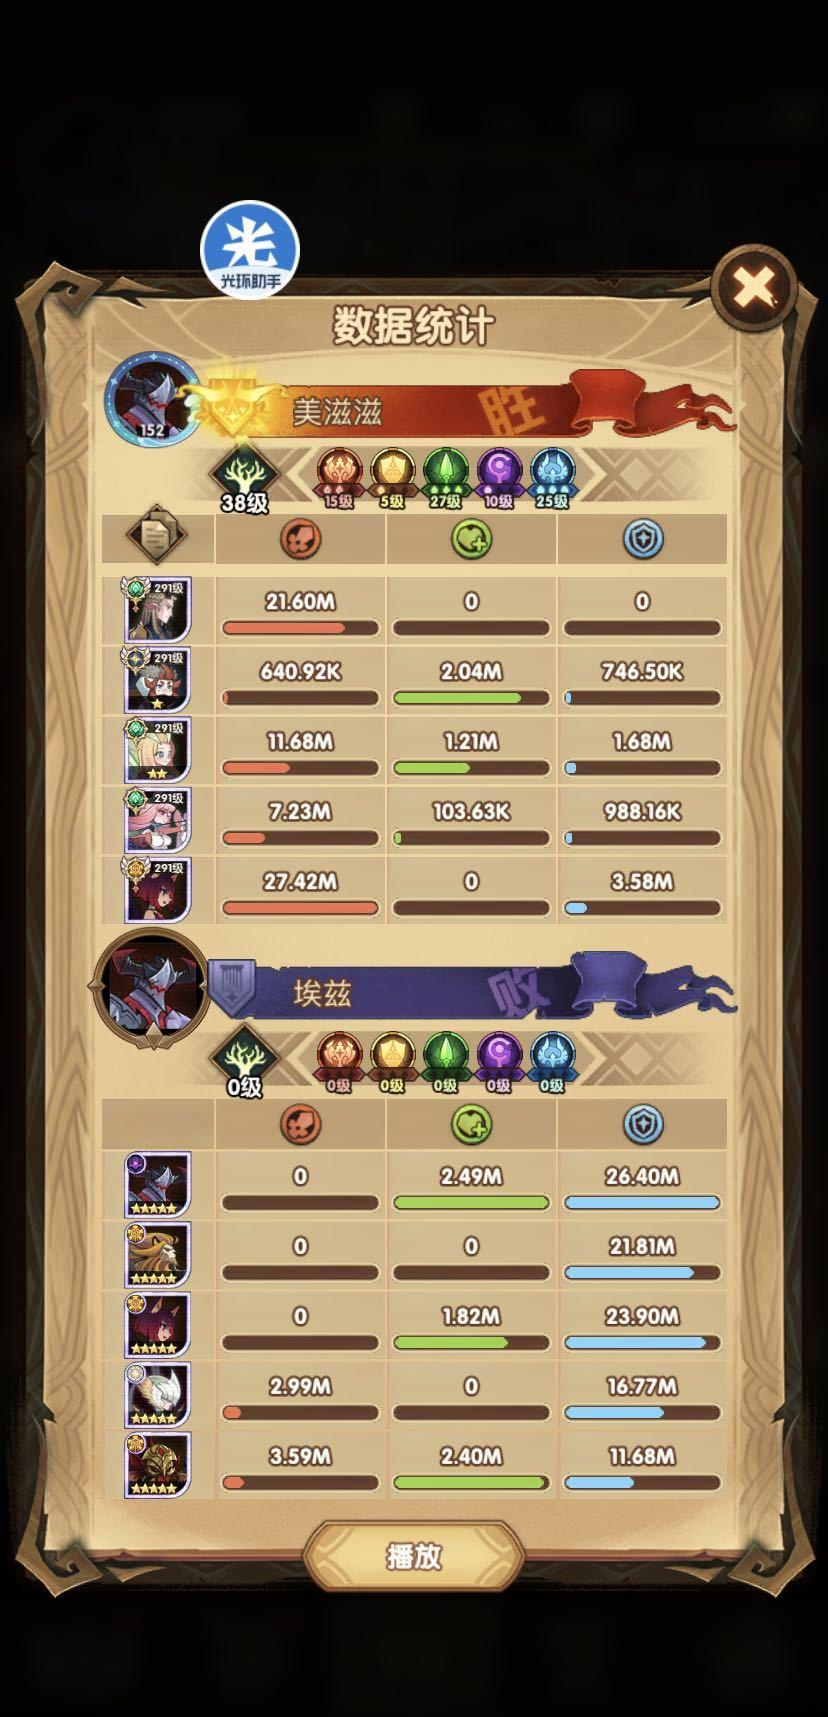 剑与远征:游戏在9月已跌出各大榜单,没有新鲜玩法,还能玩吗?插图